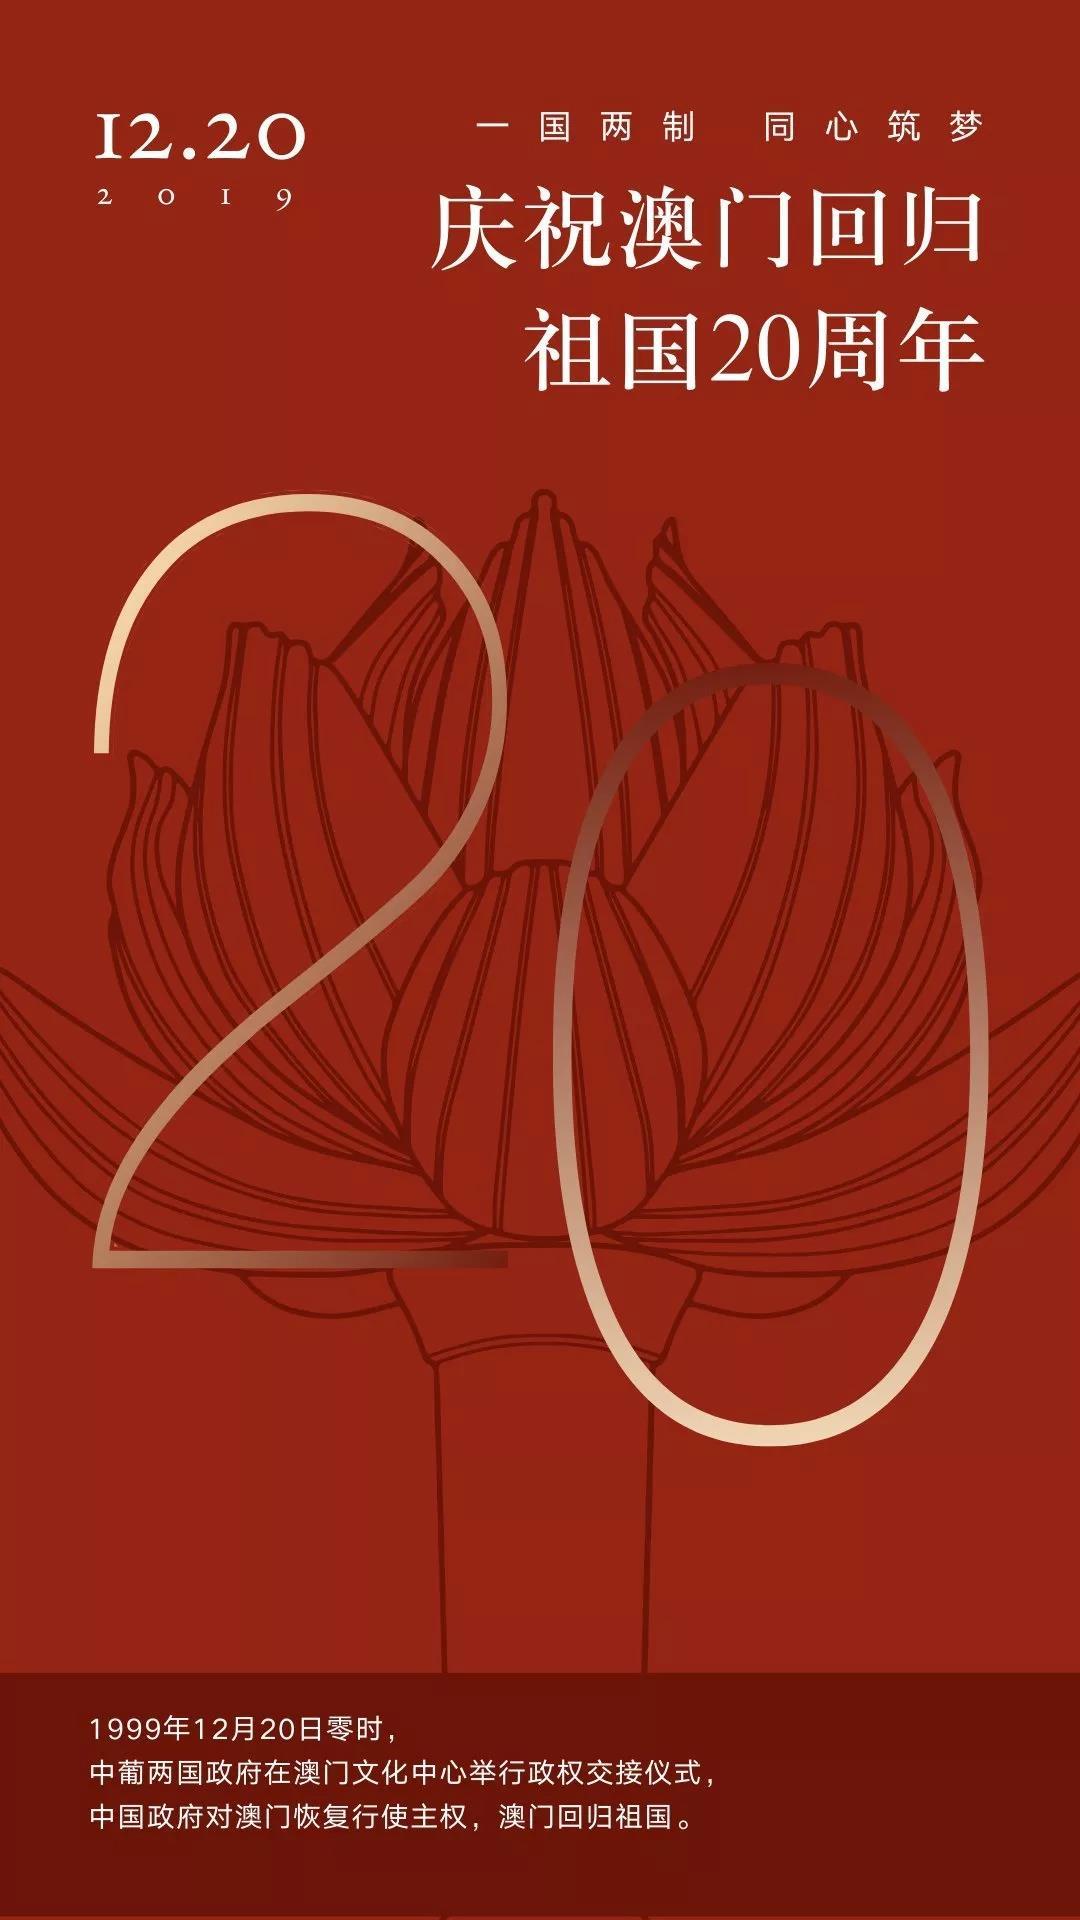 遇见 | 庆祝澳门回归祖国二十周年